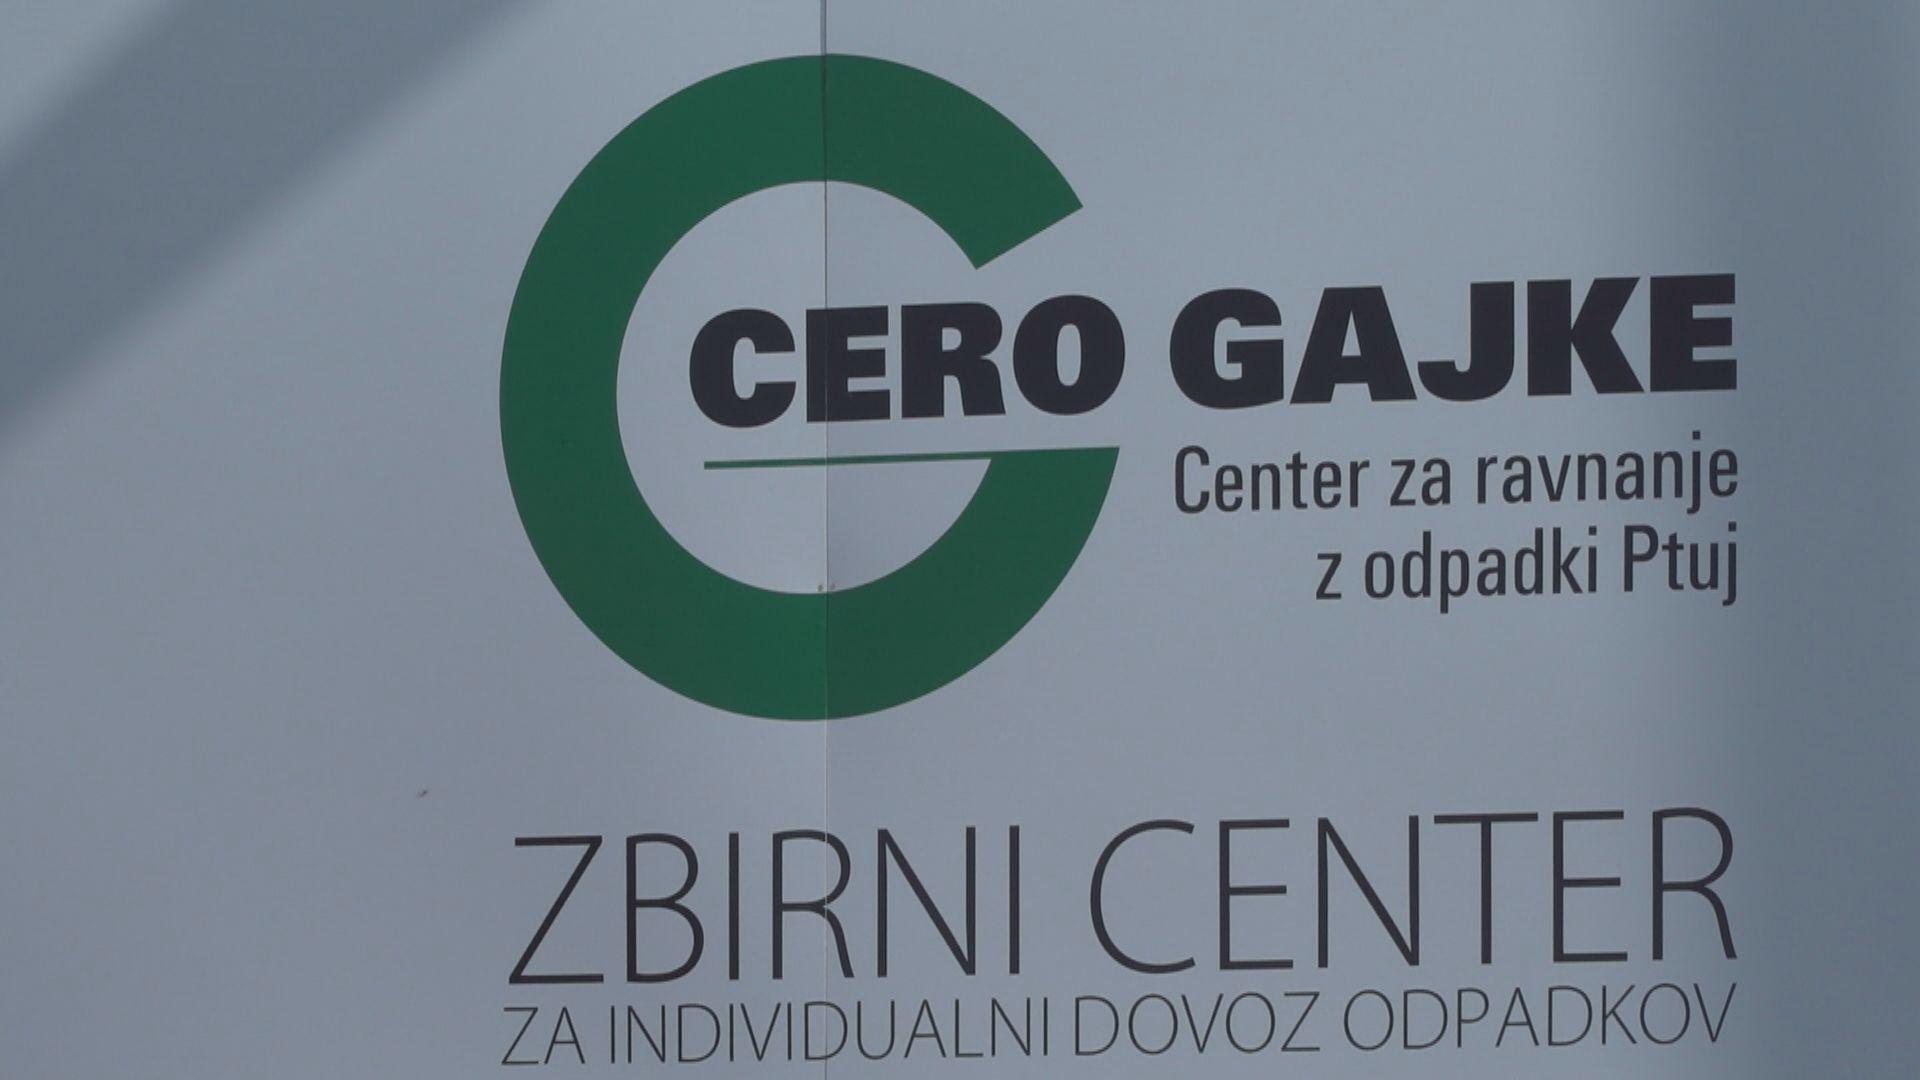 Portal: Neizpolnjena pogodba Cero Gajke 1. del